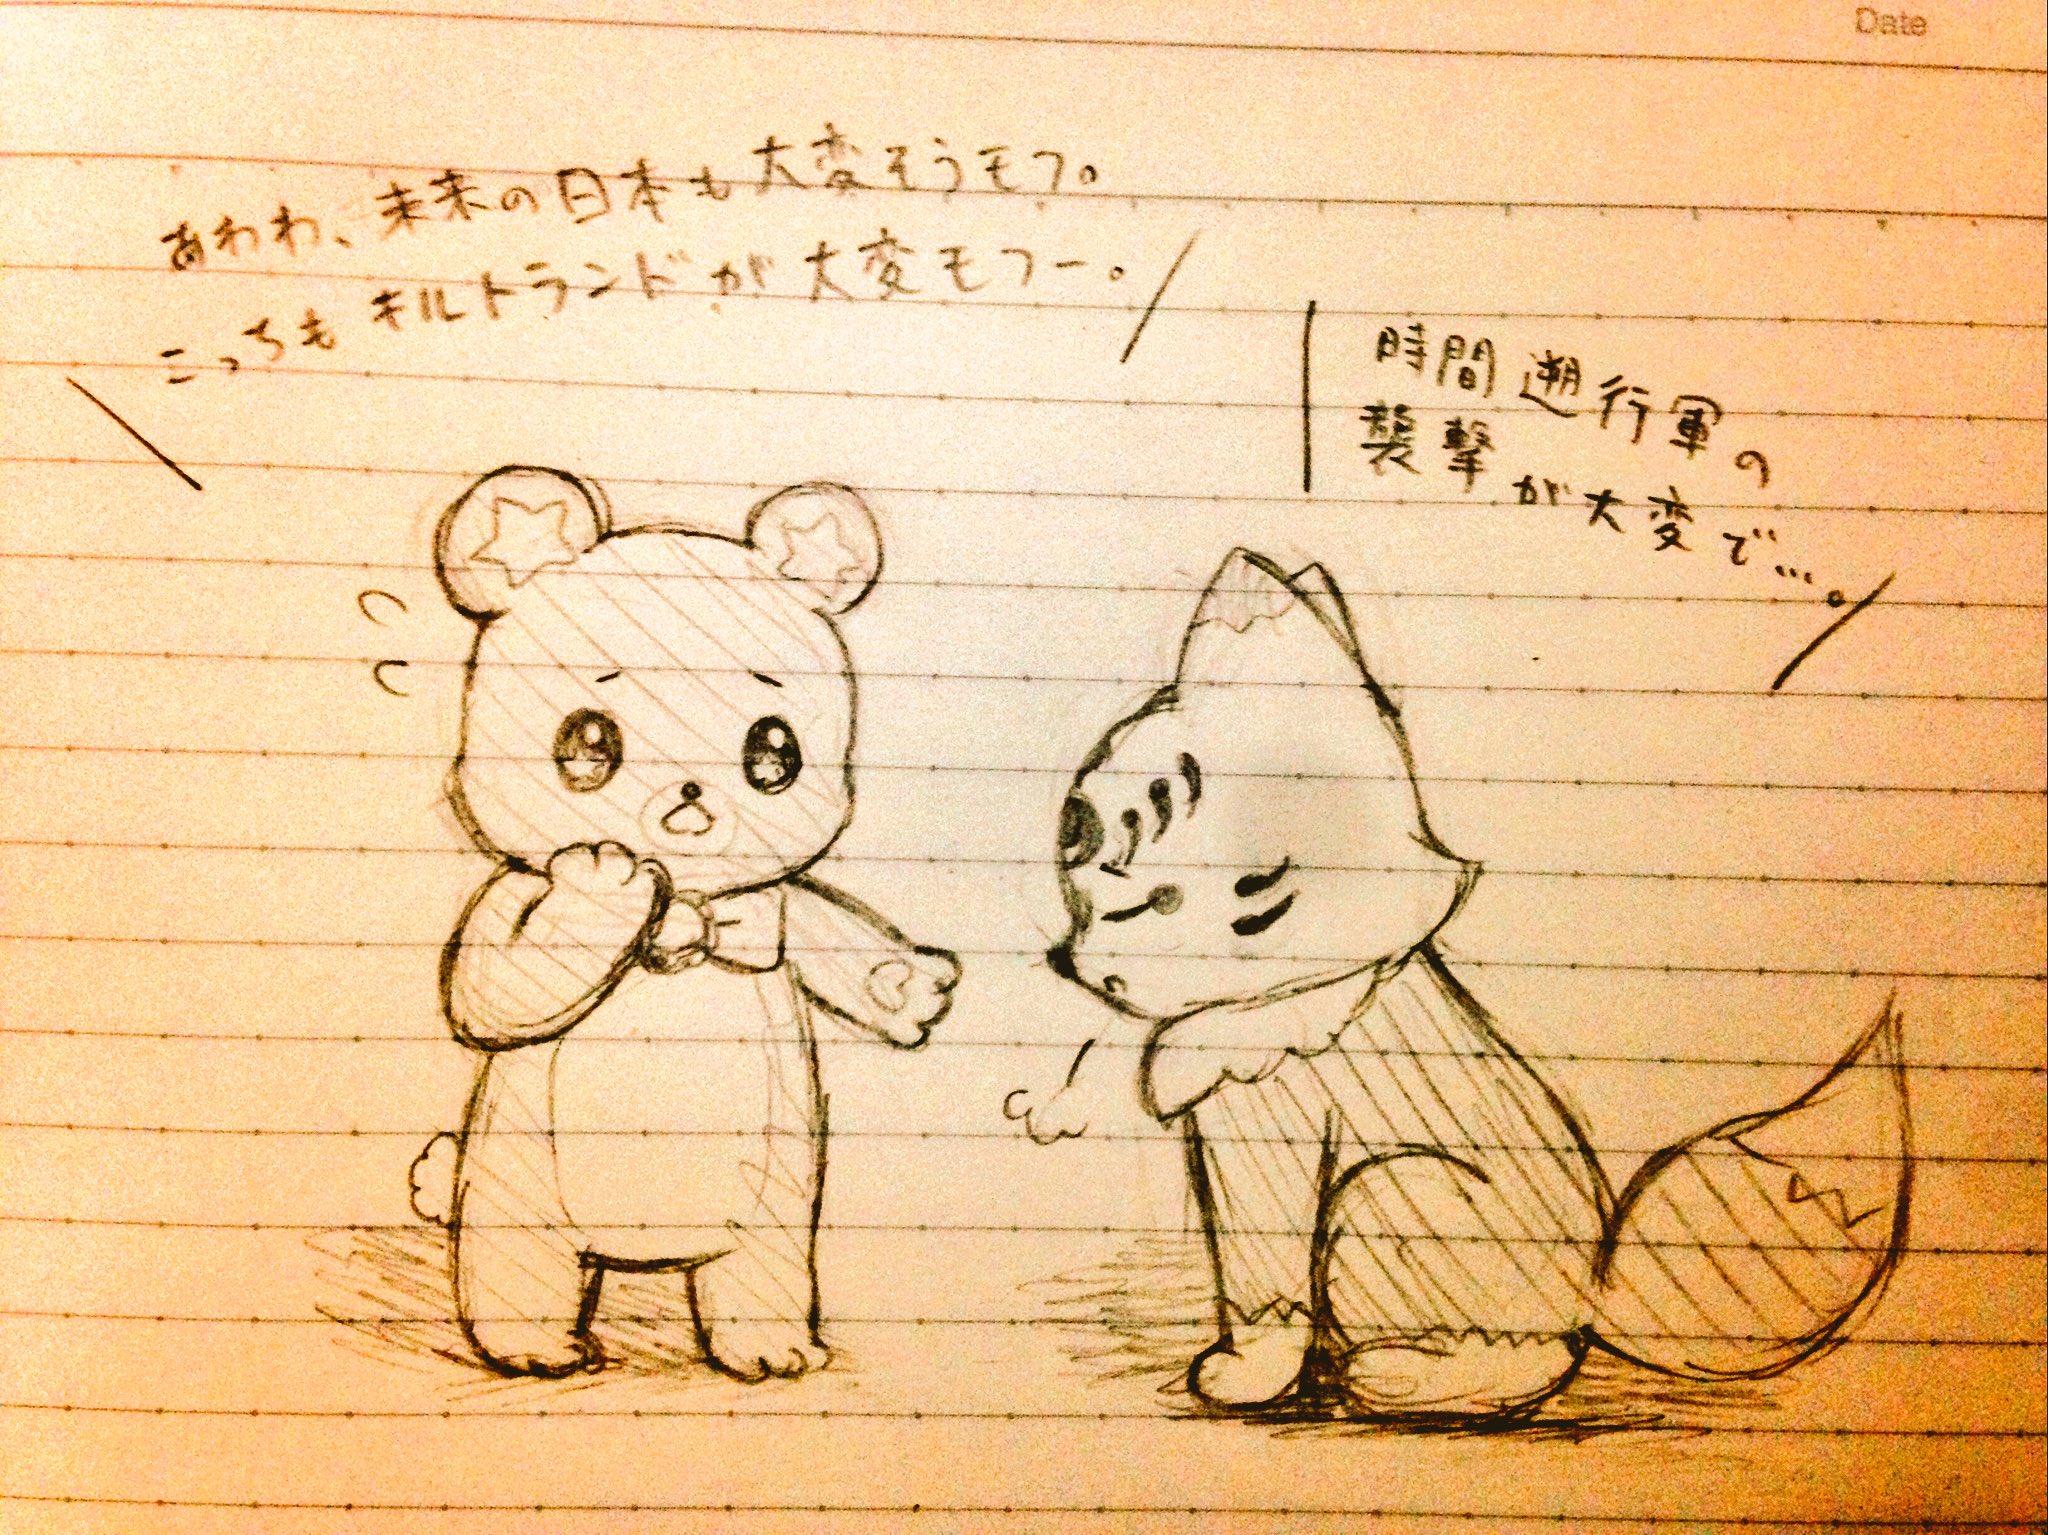 熊が坂をのぼる (@ZWJT3yFN8ty1BkY)さんのイラスト